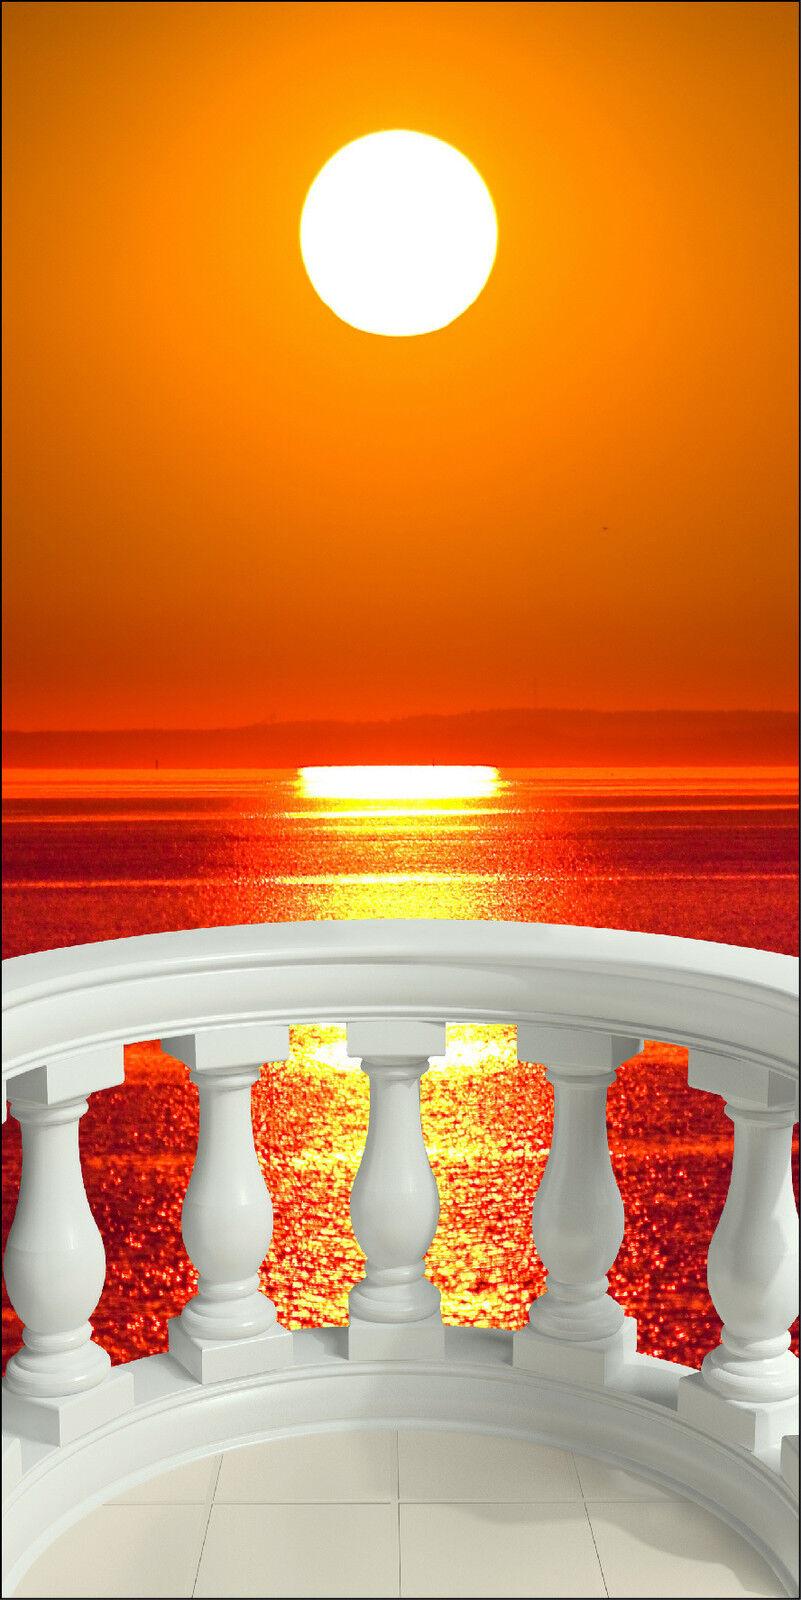 Aufkleber Schein Auge Deko -untergang Sonne ref 1528